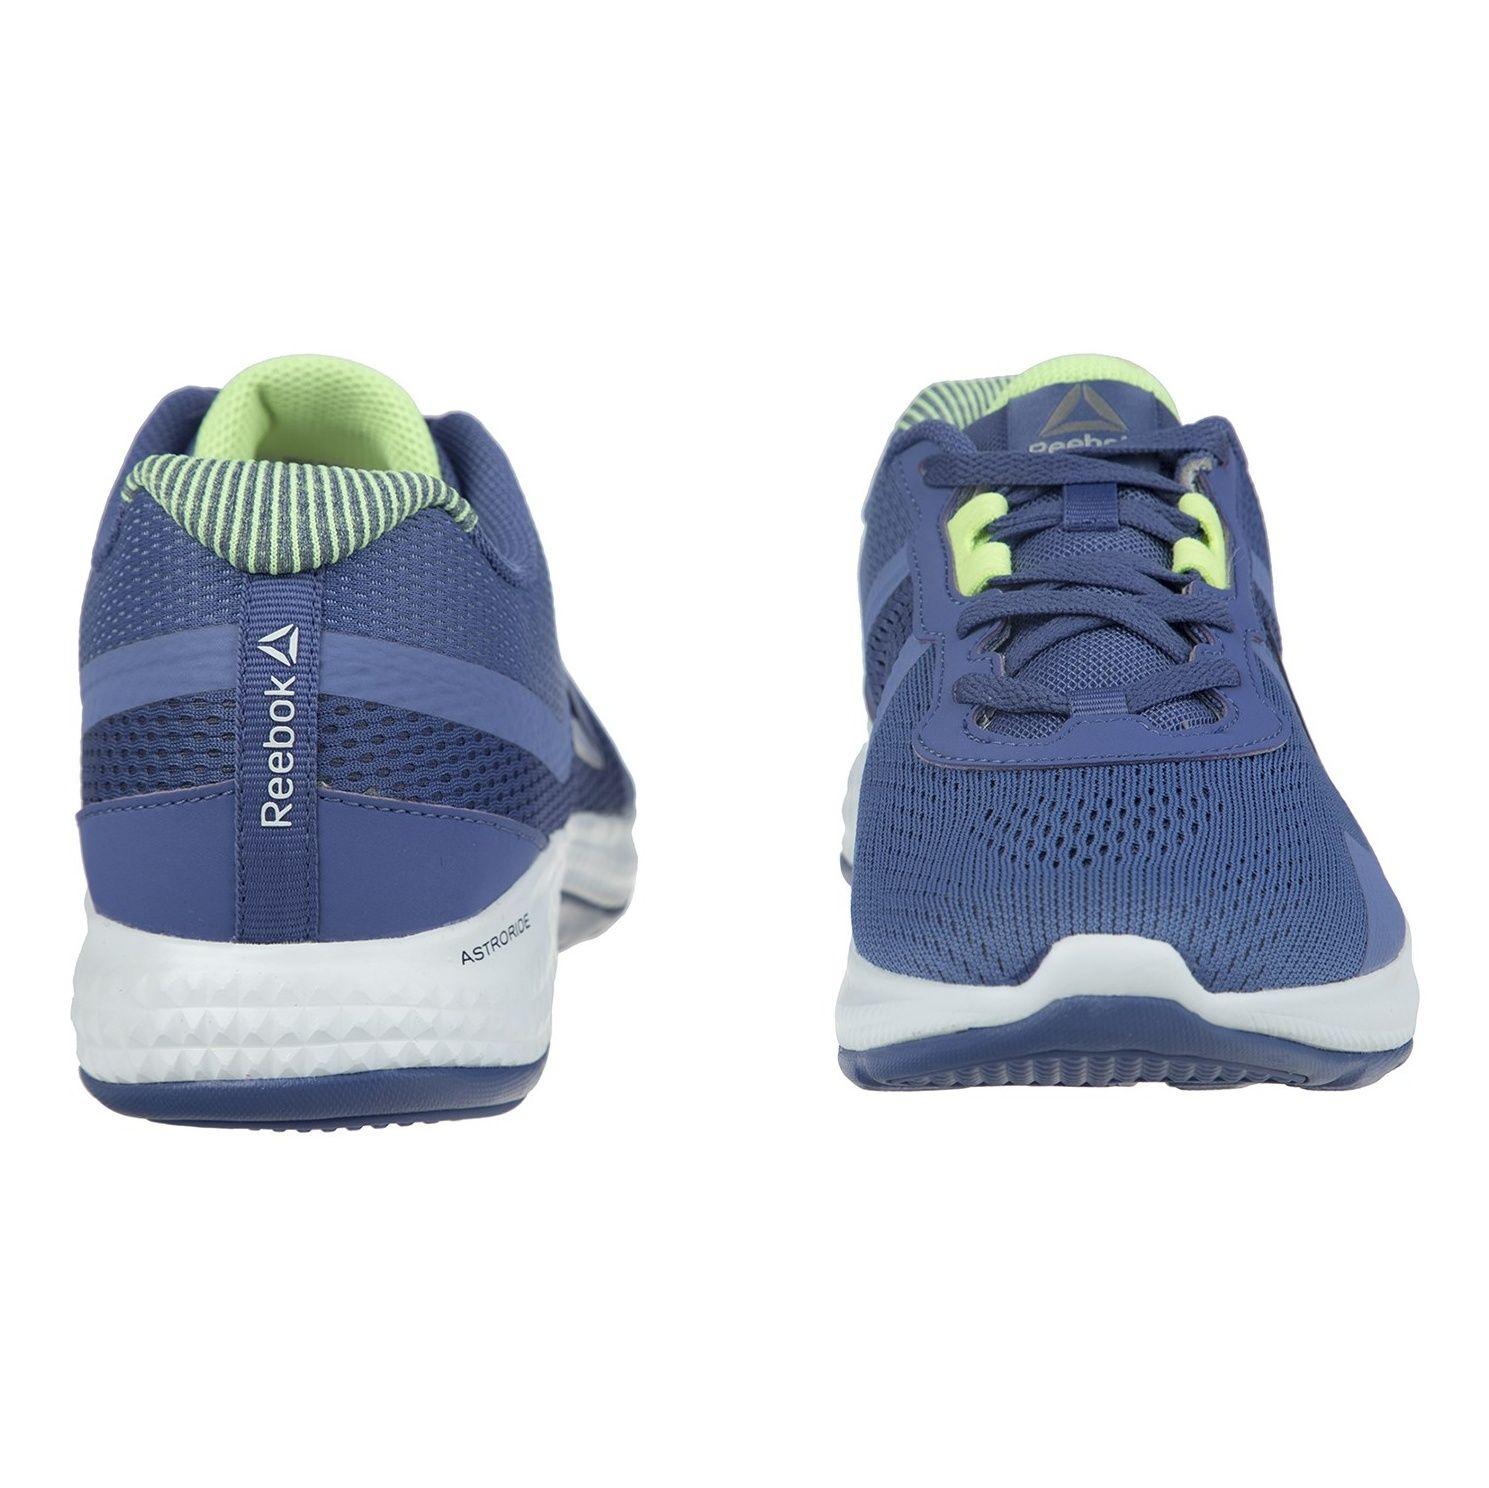 کفش دویدن بندی زنانه Astroride Duo Edge - ریباک - آبي - 5